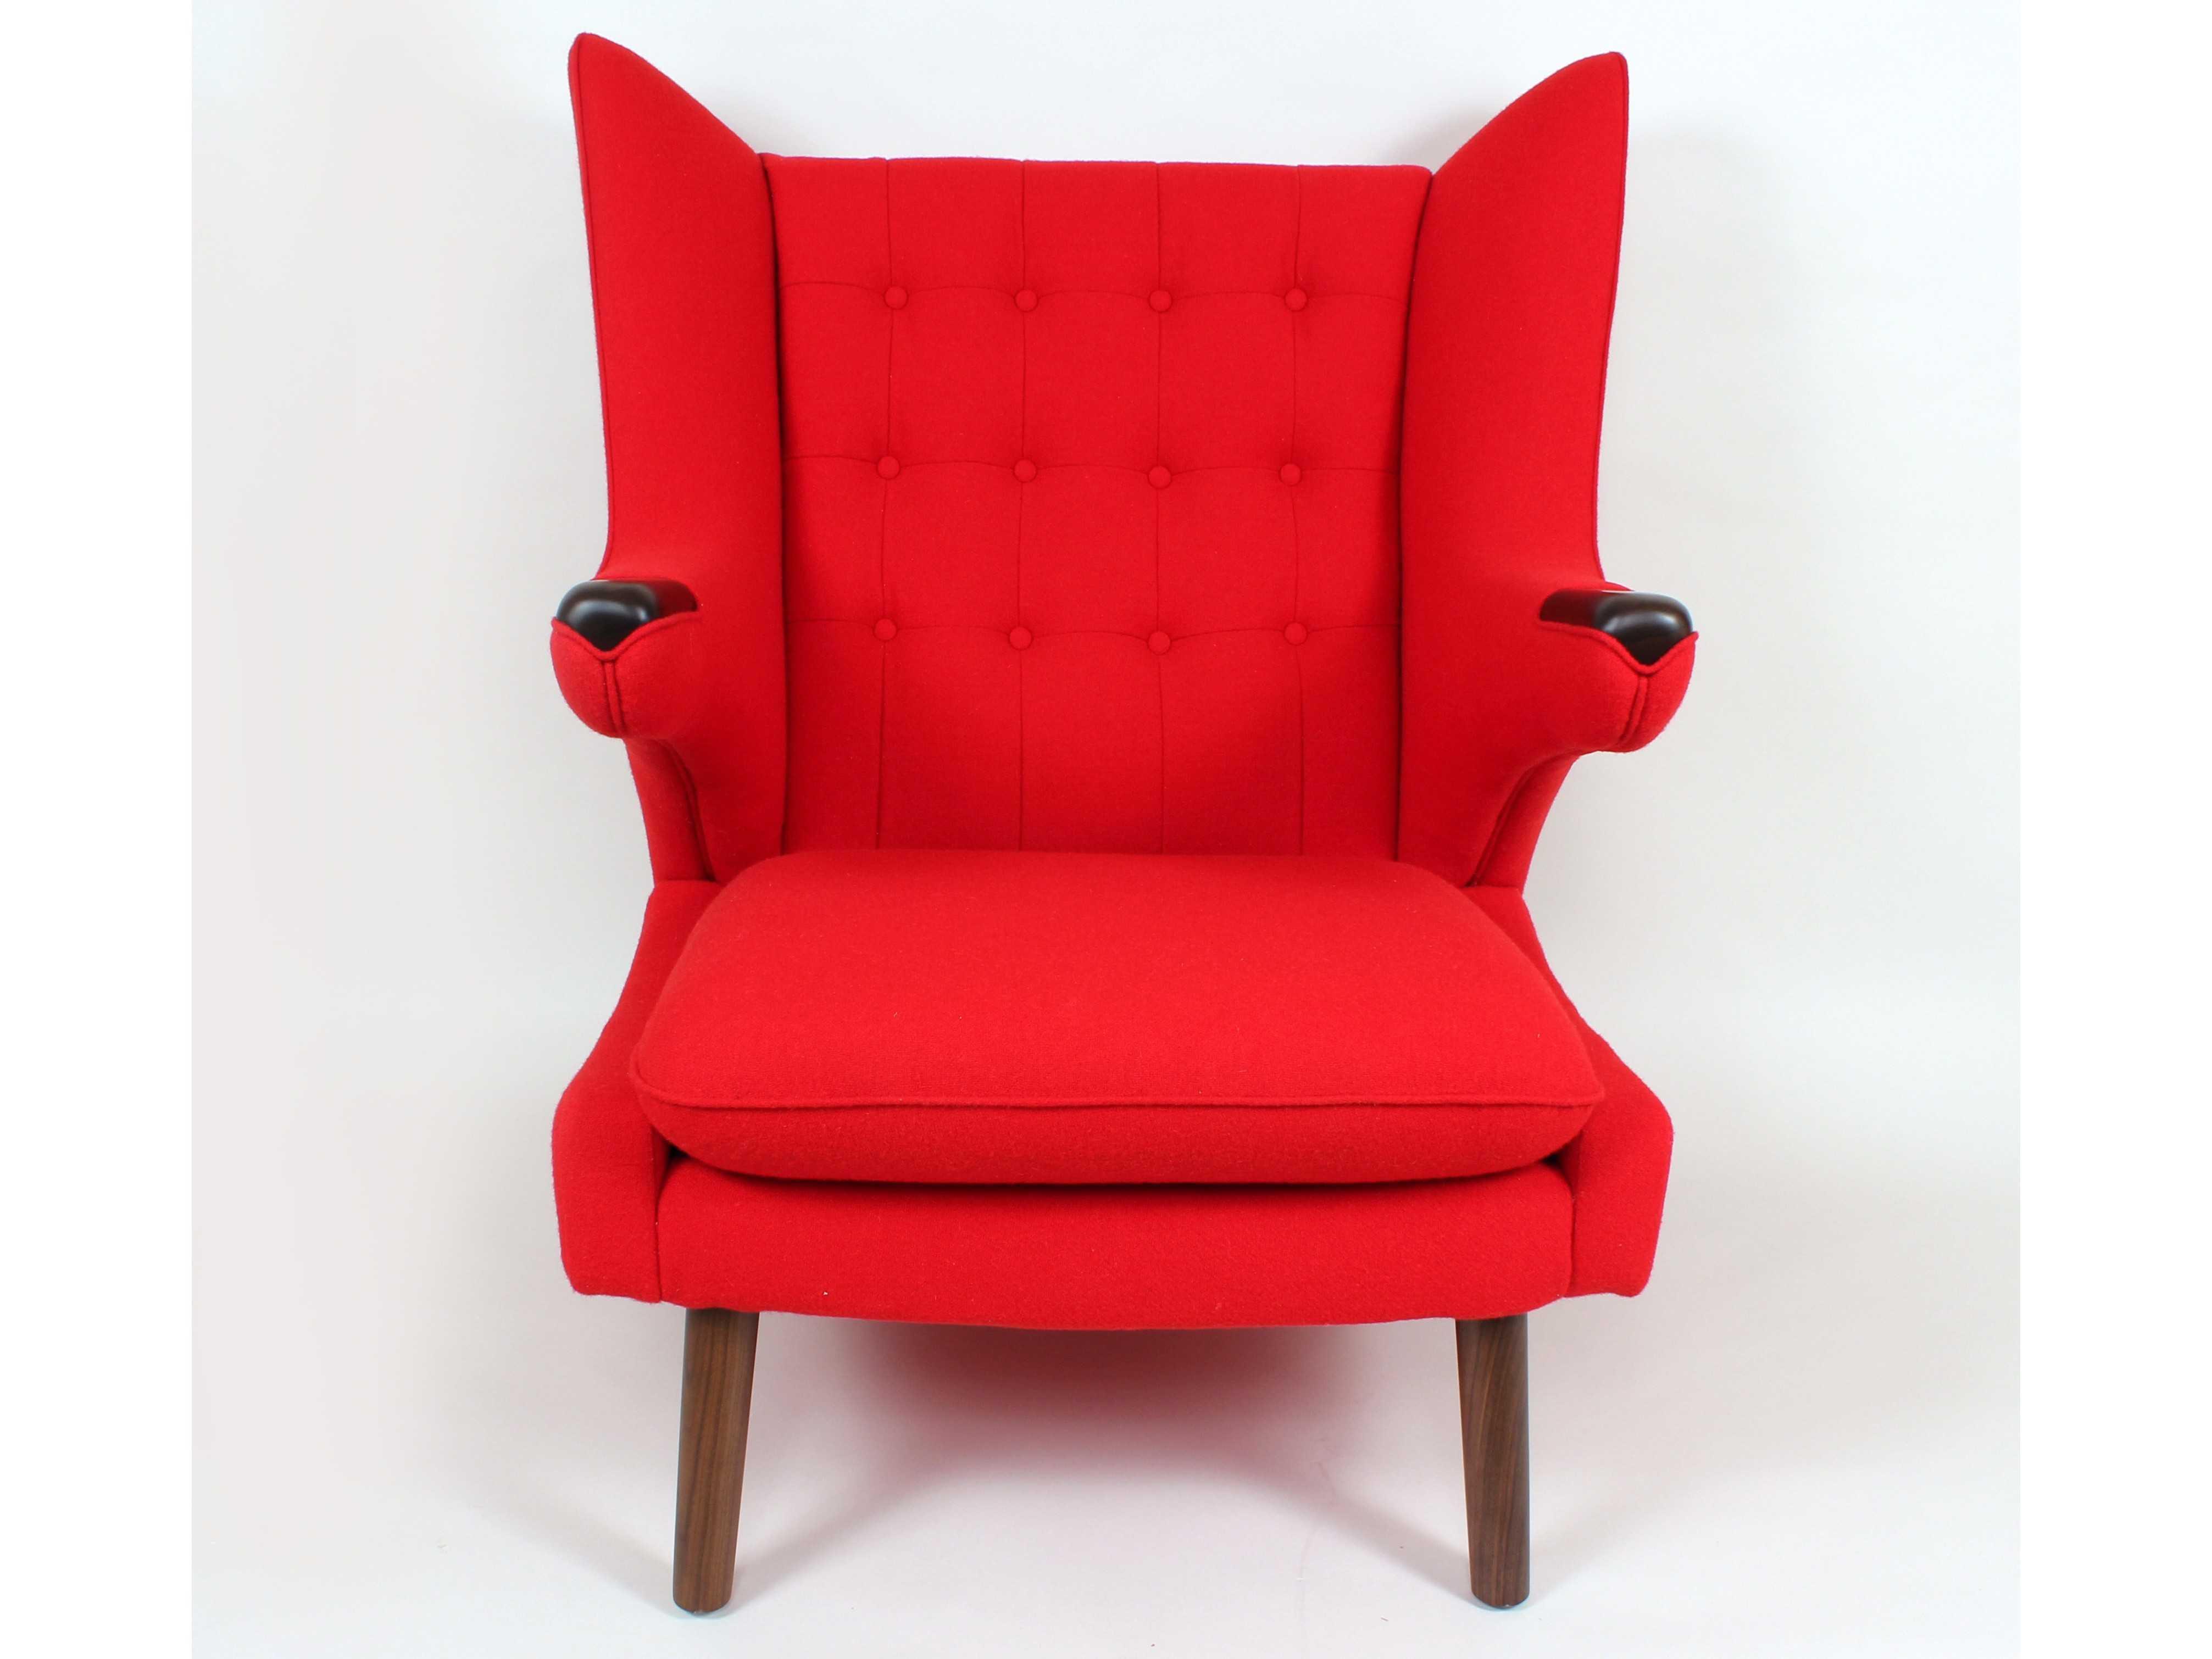 Stilnovo Olsen Red Accent Chair Fb759red